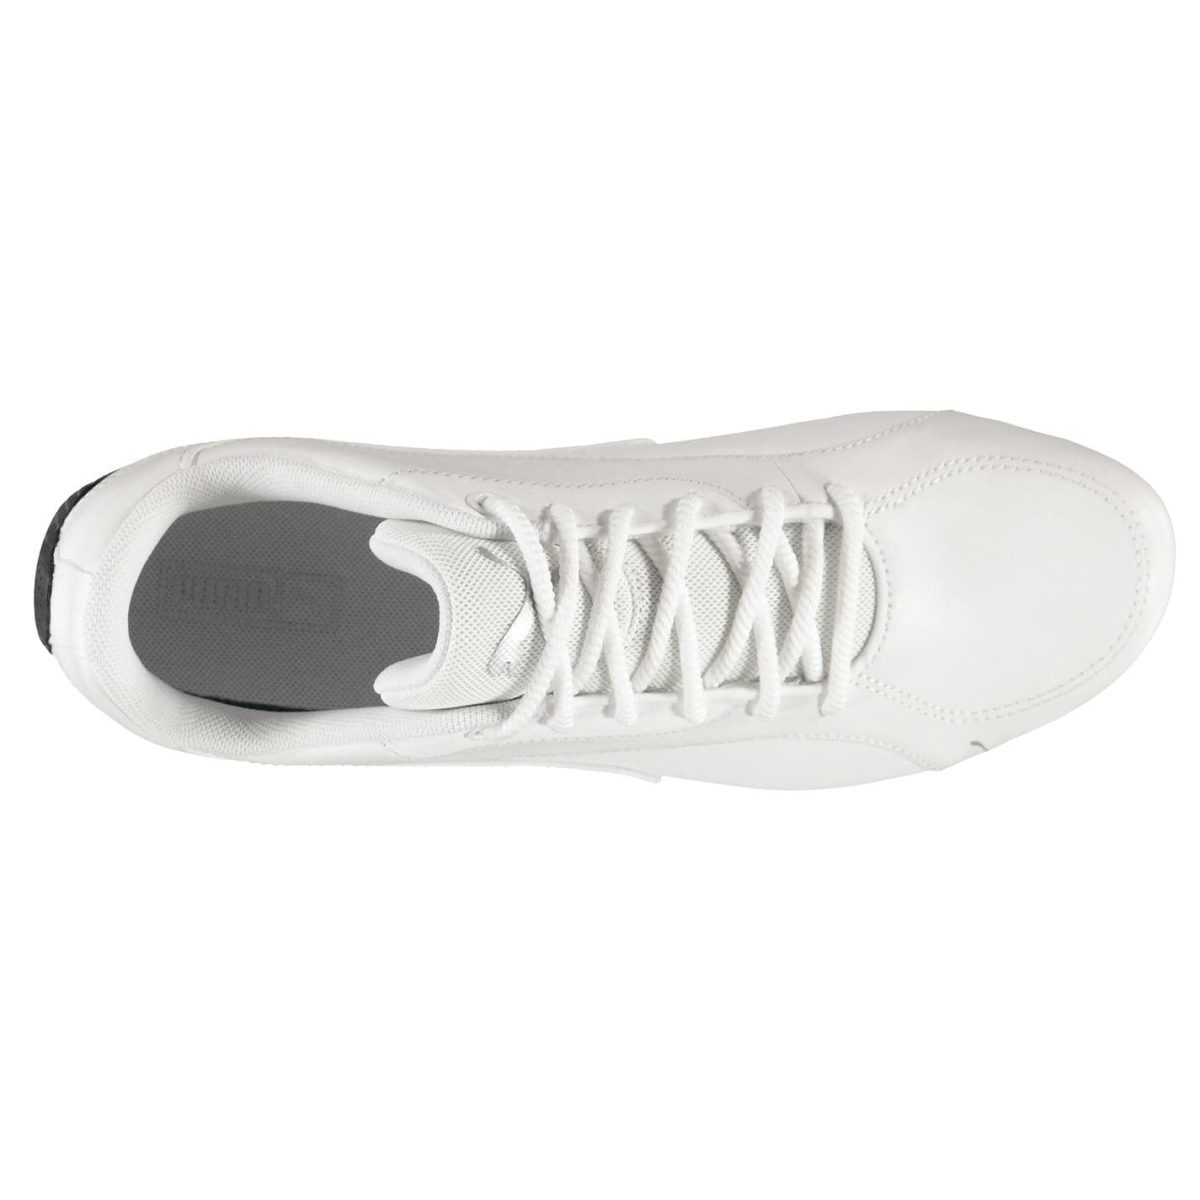 Puma-Drift-Cat-5-Hommes-Chaussures-De-Sport-Chaussures-Sneaker-Chaussures-De-Course-Casual-5877 miniature 7